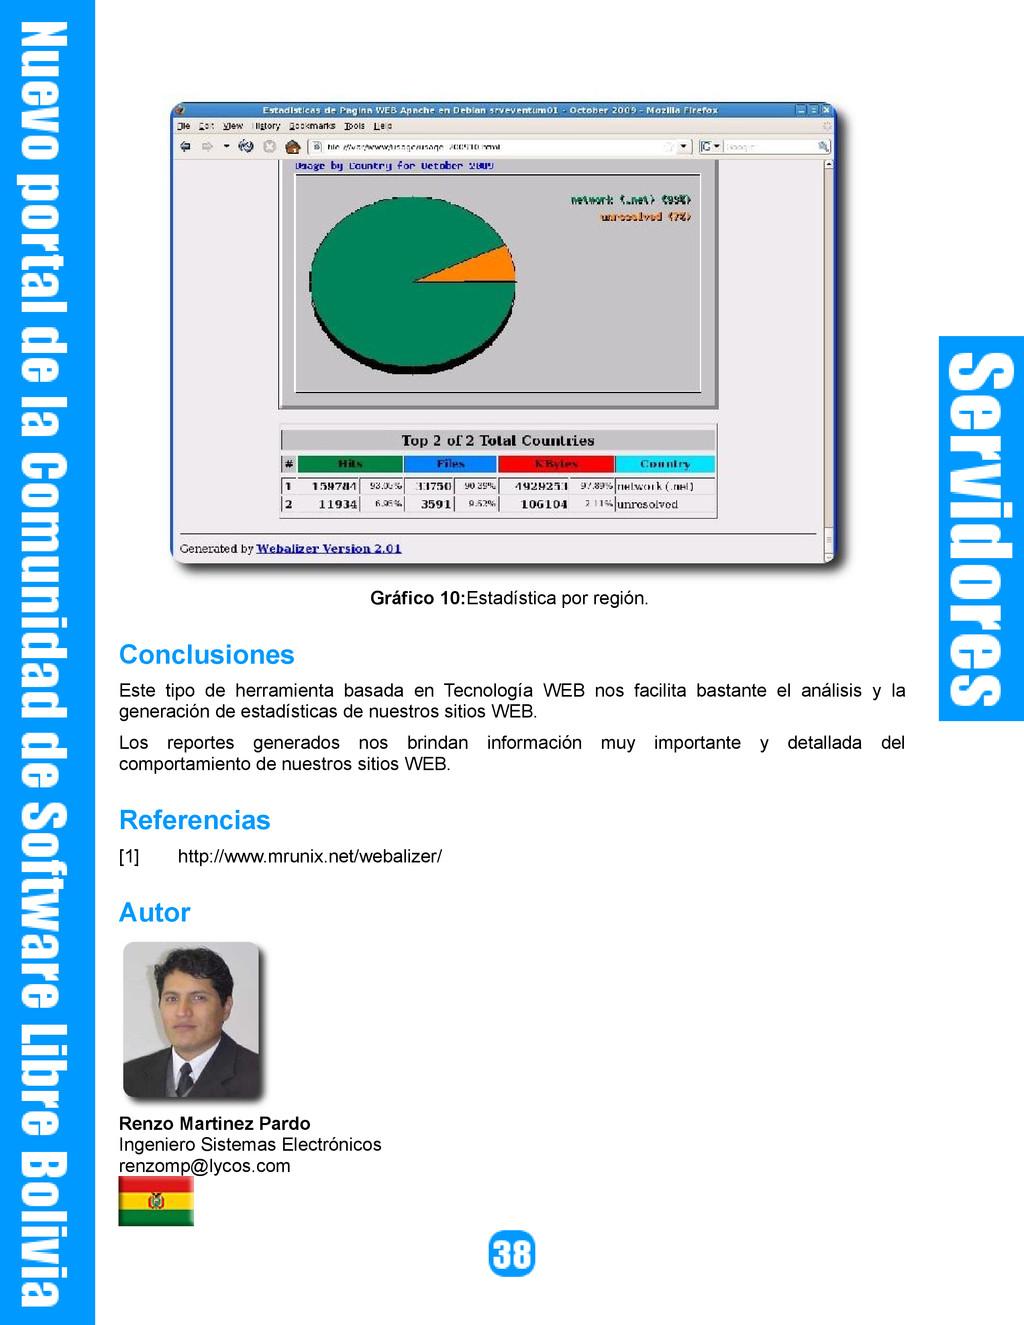 Gráfico 10:Estadística por región. Conclusiones...